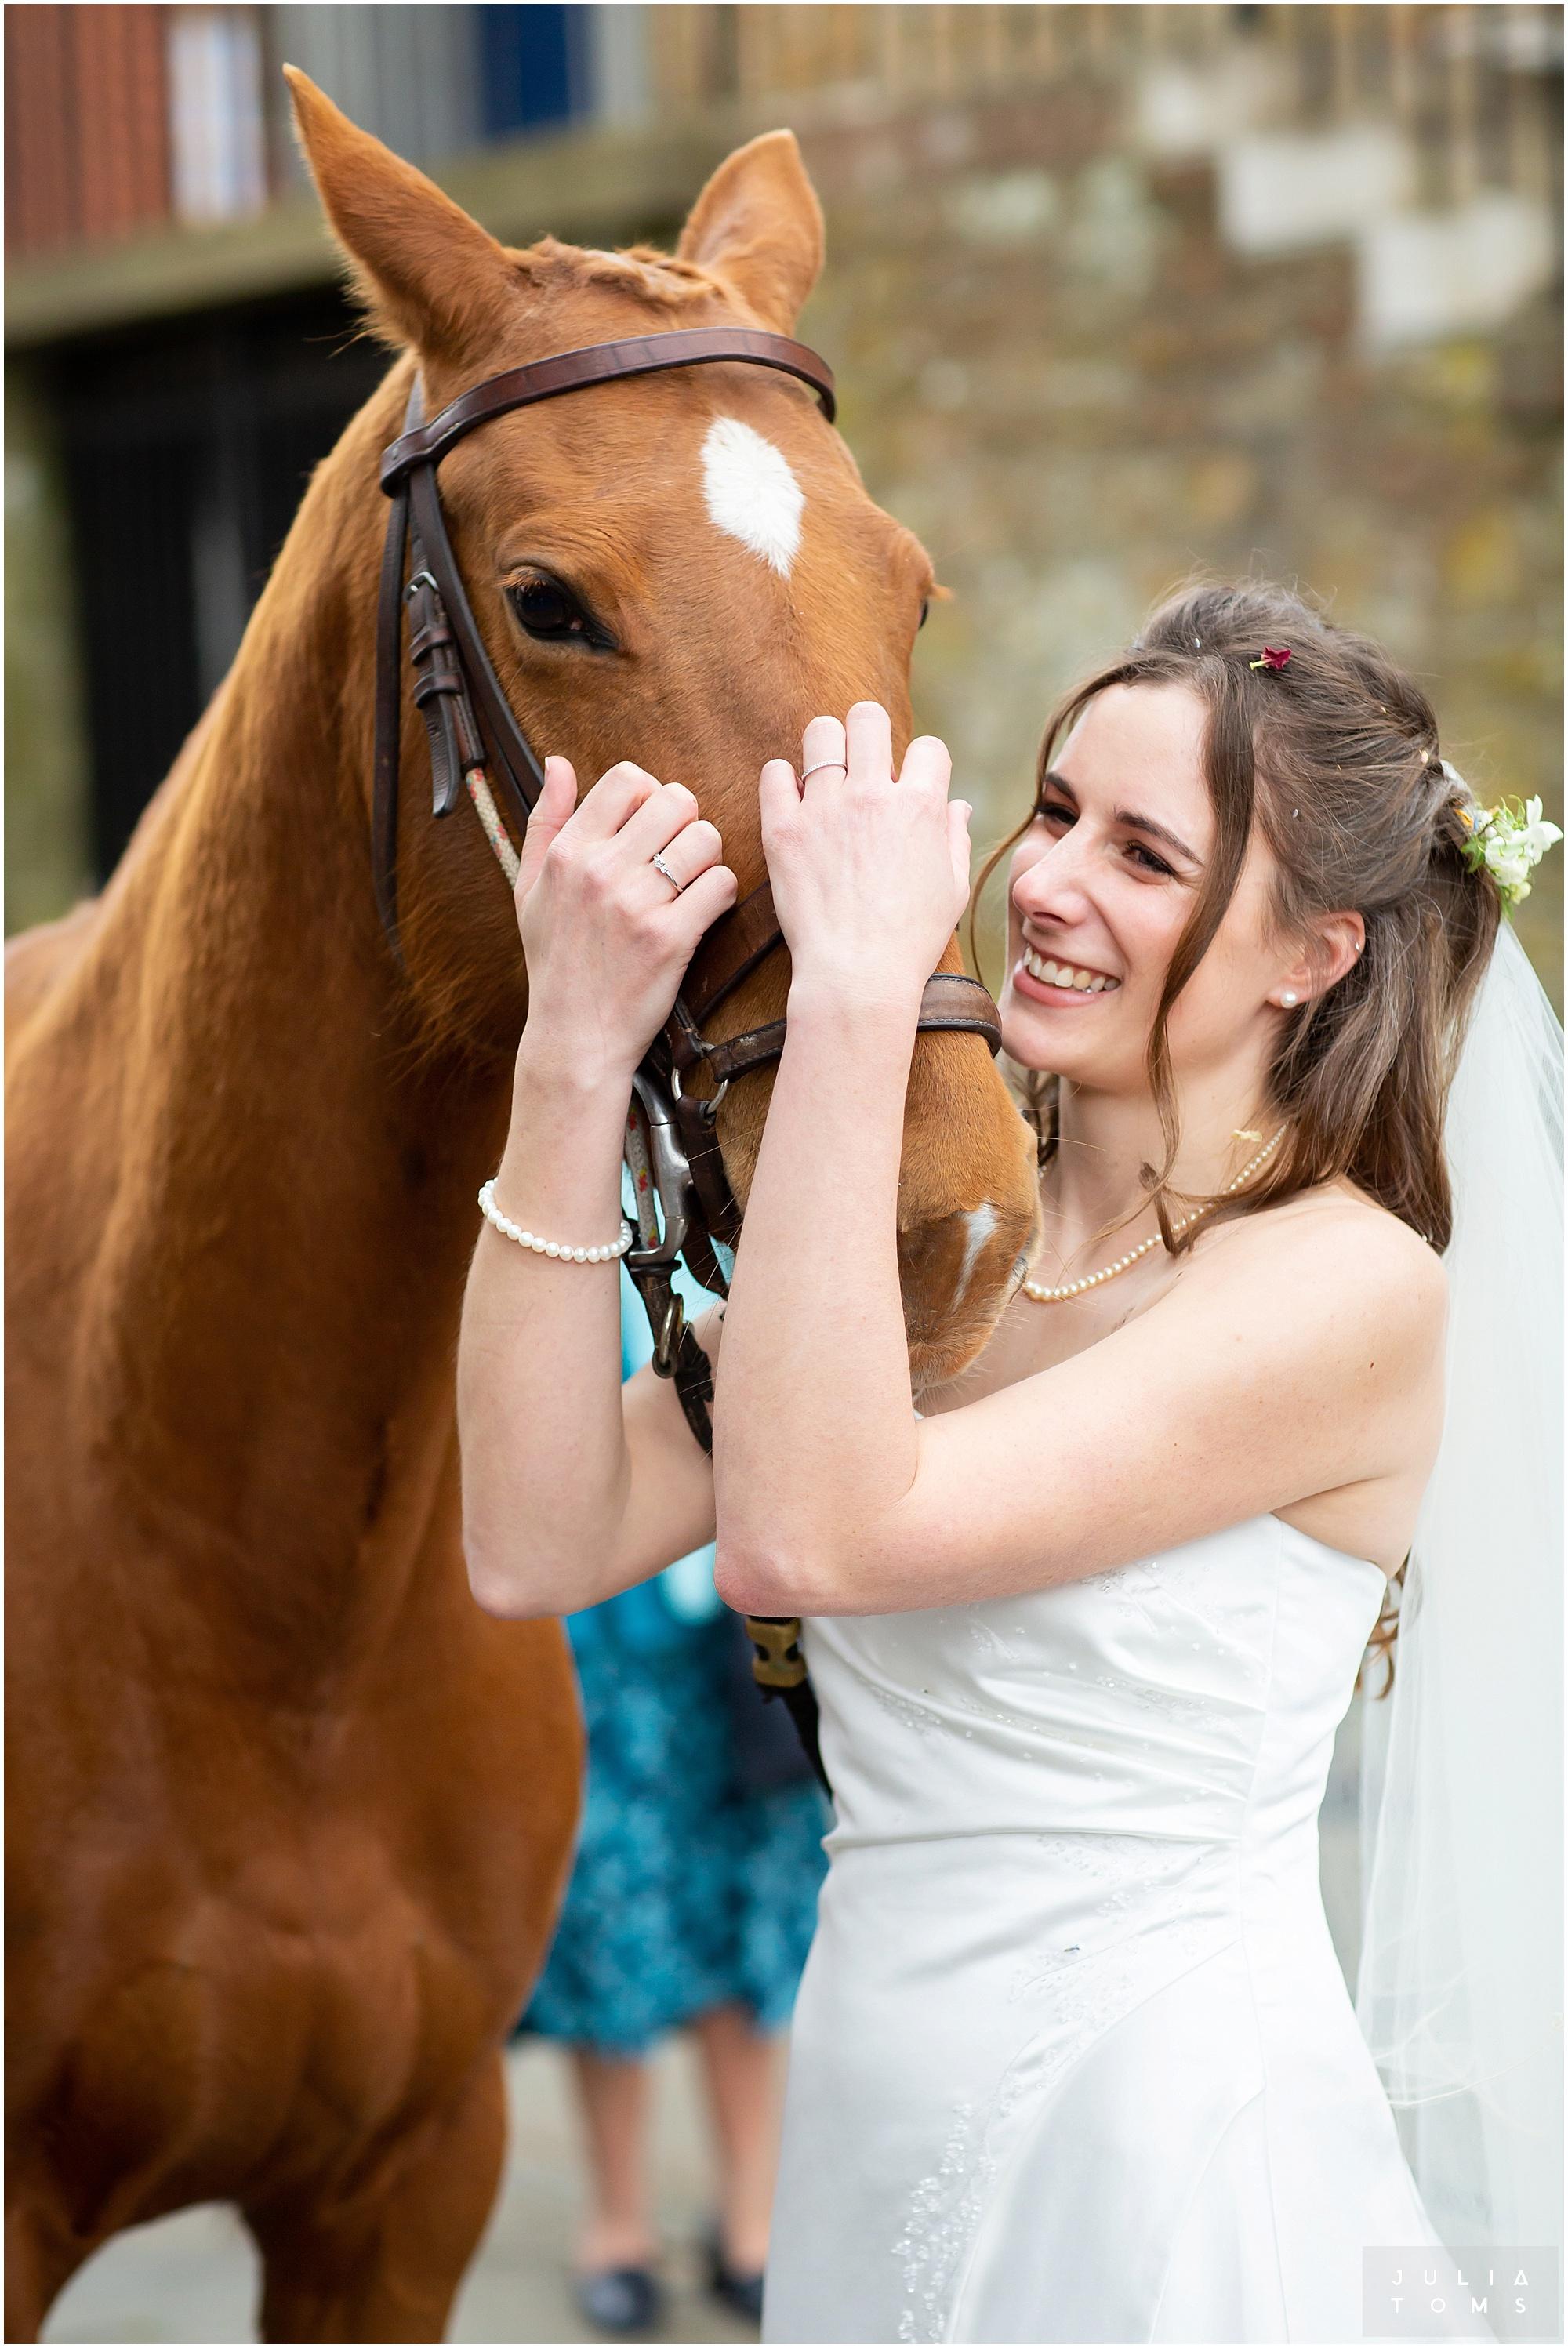 juliatoms_christian_wedding_photogtapher_midhurst_008.jpg